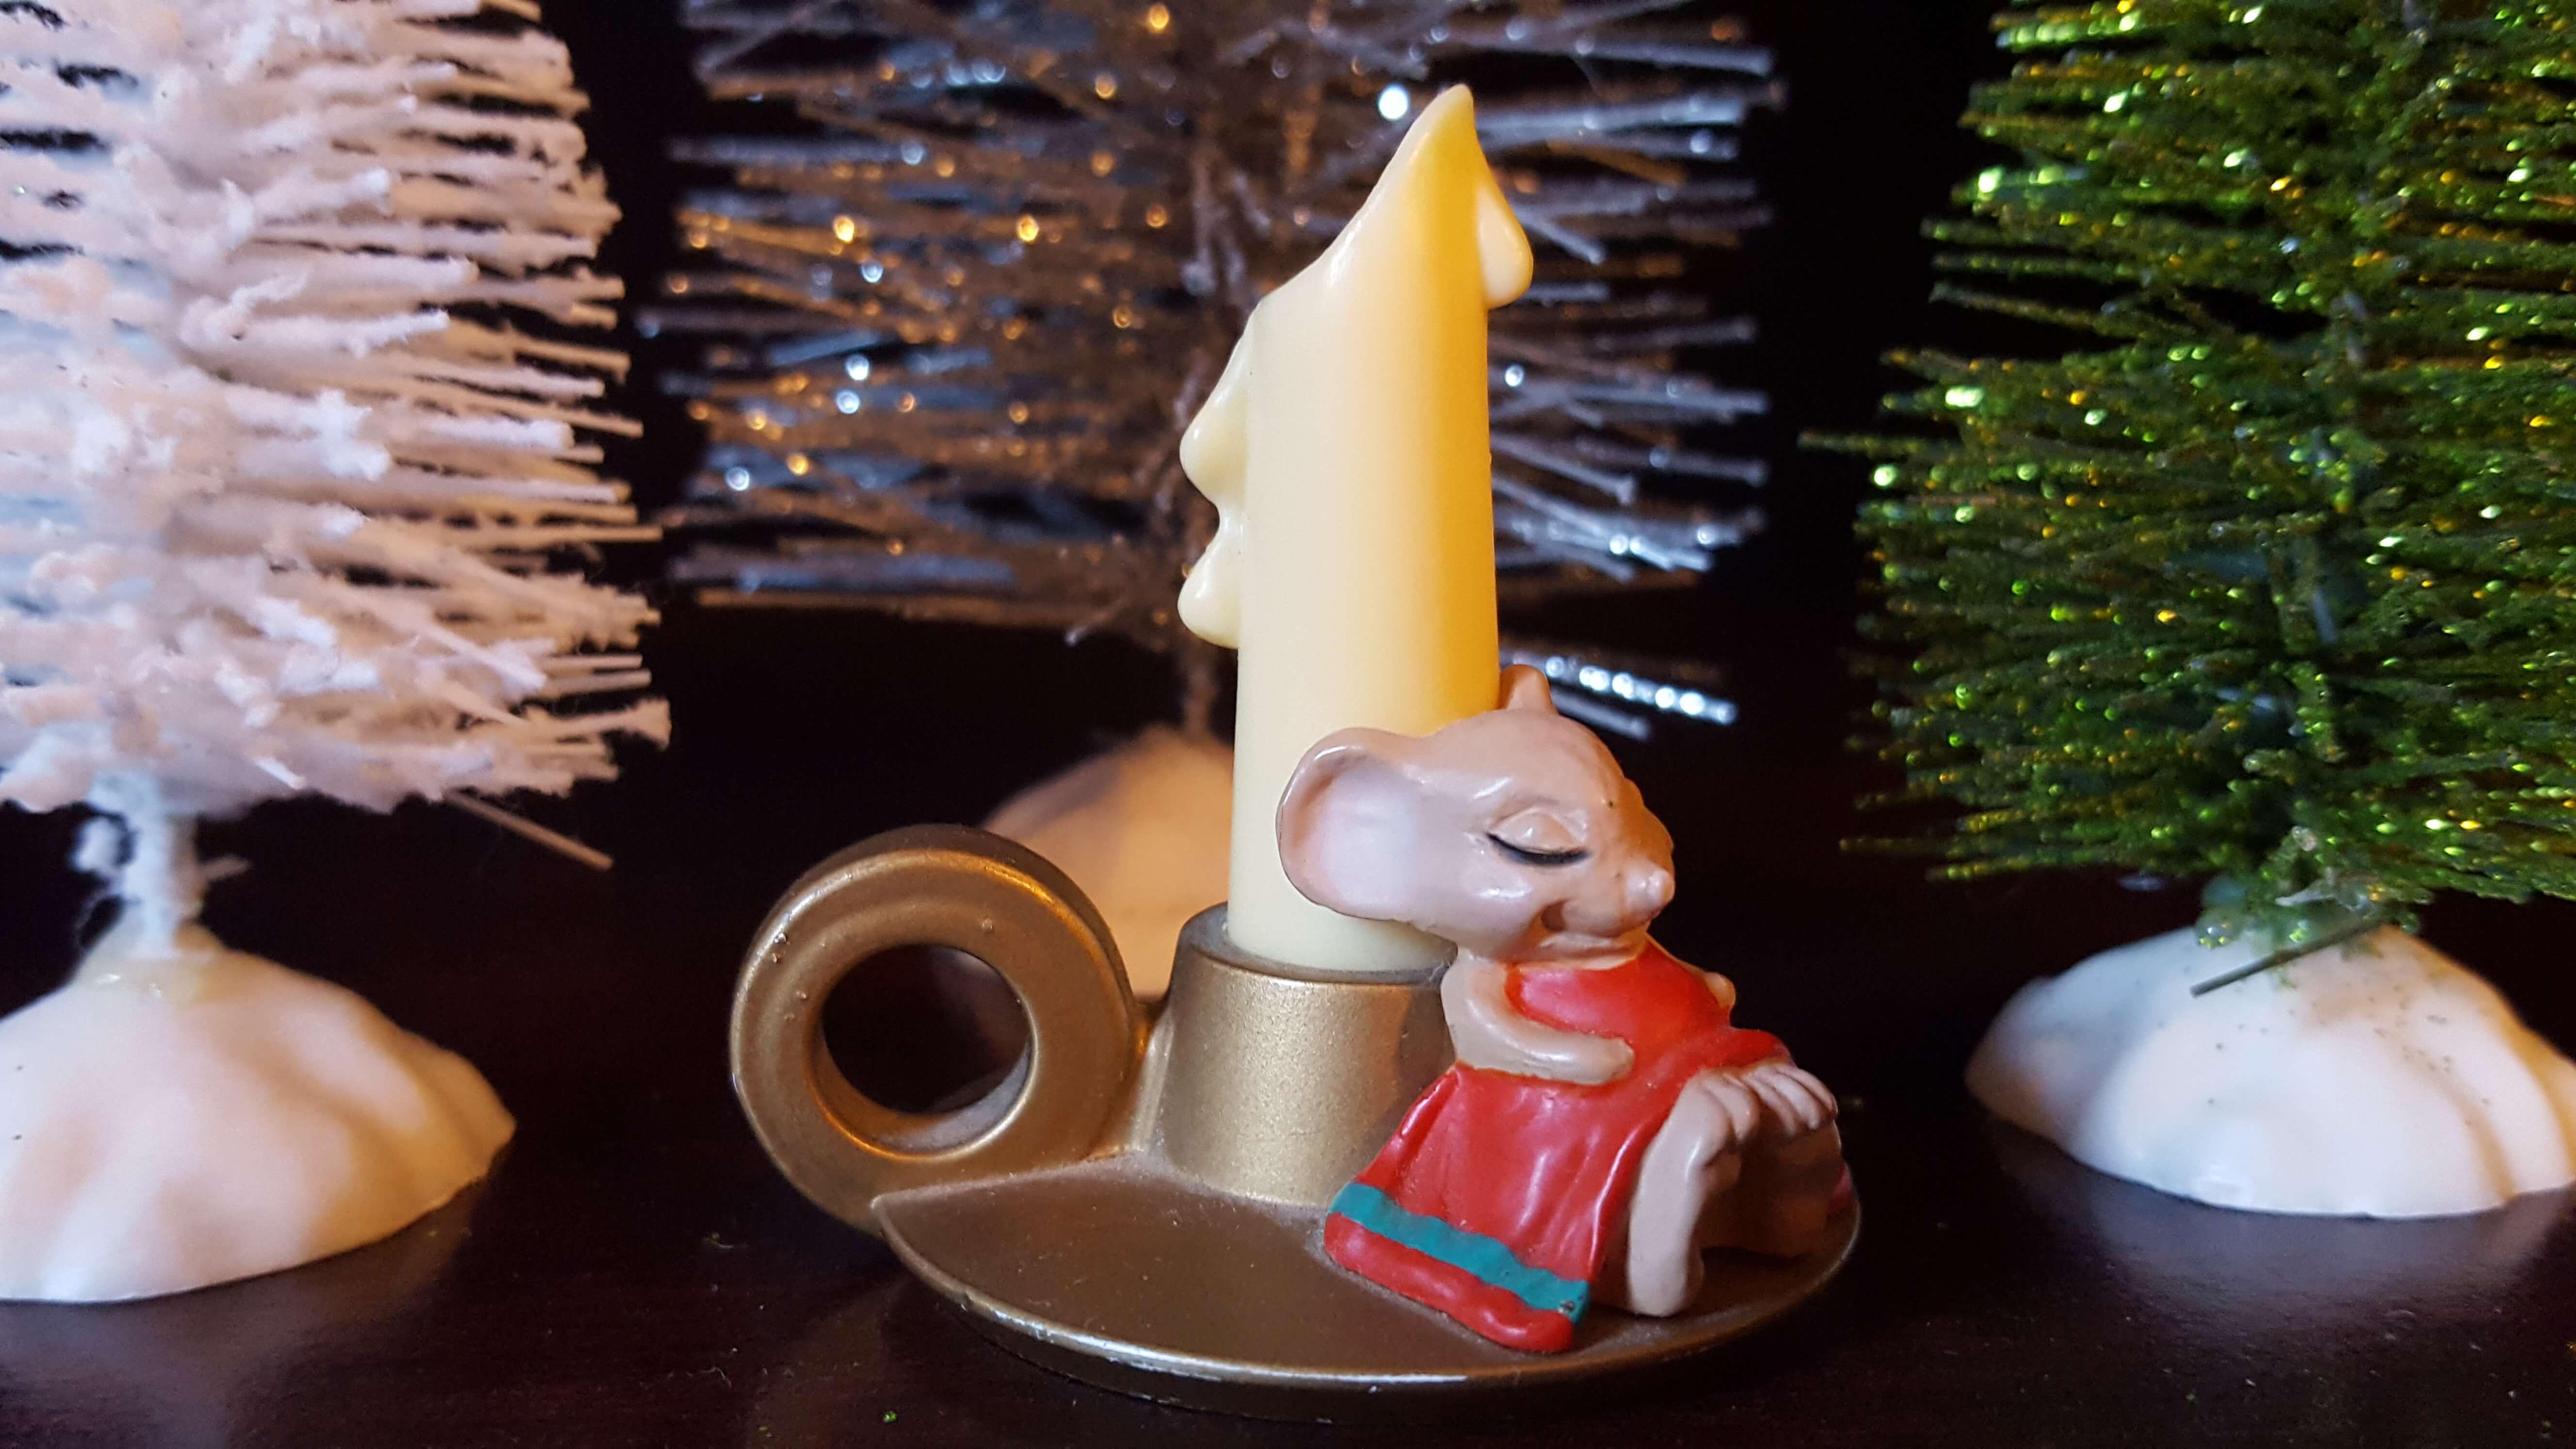 Little mouse sleeping near a candlestick